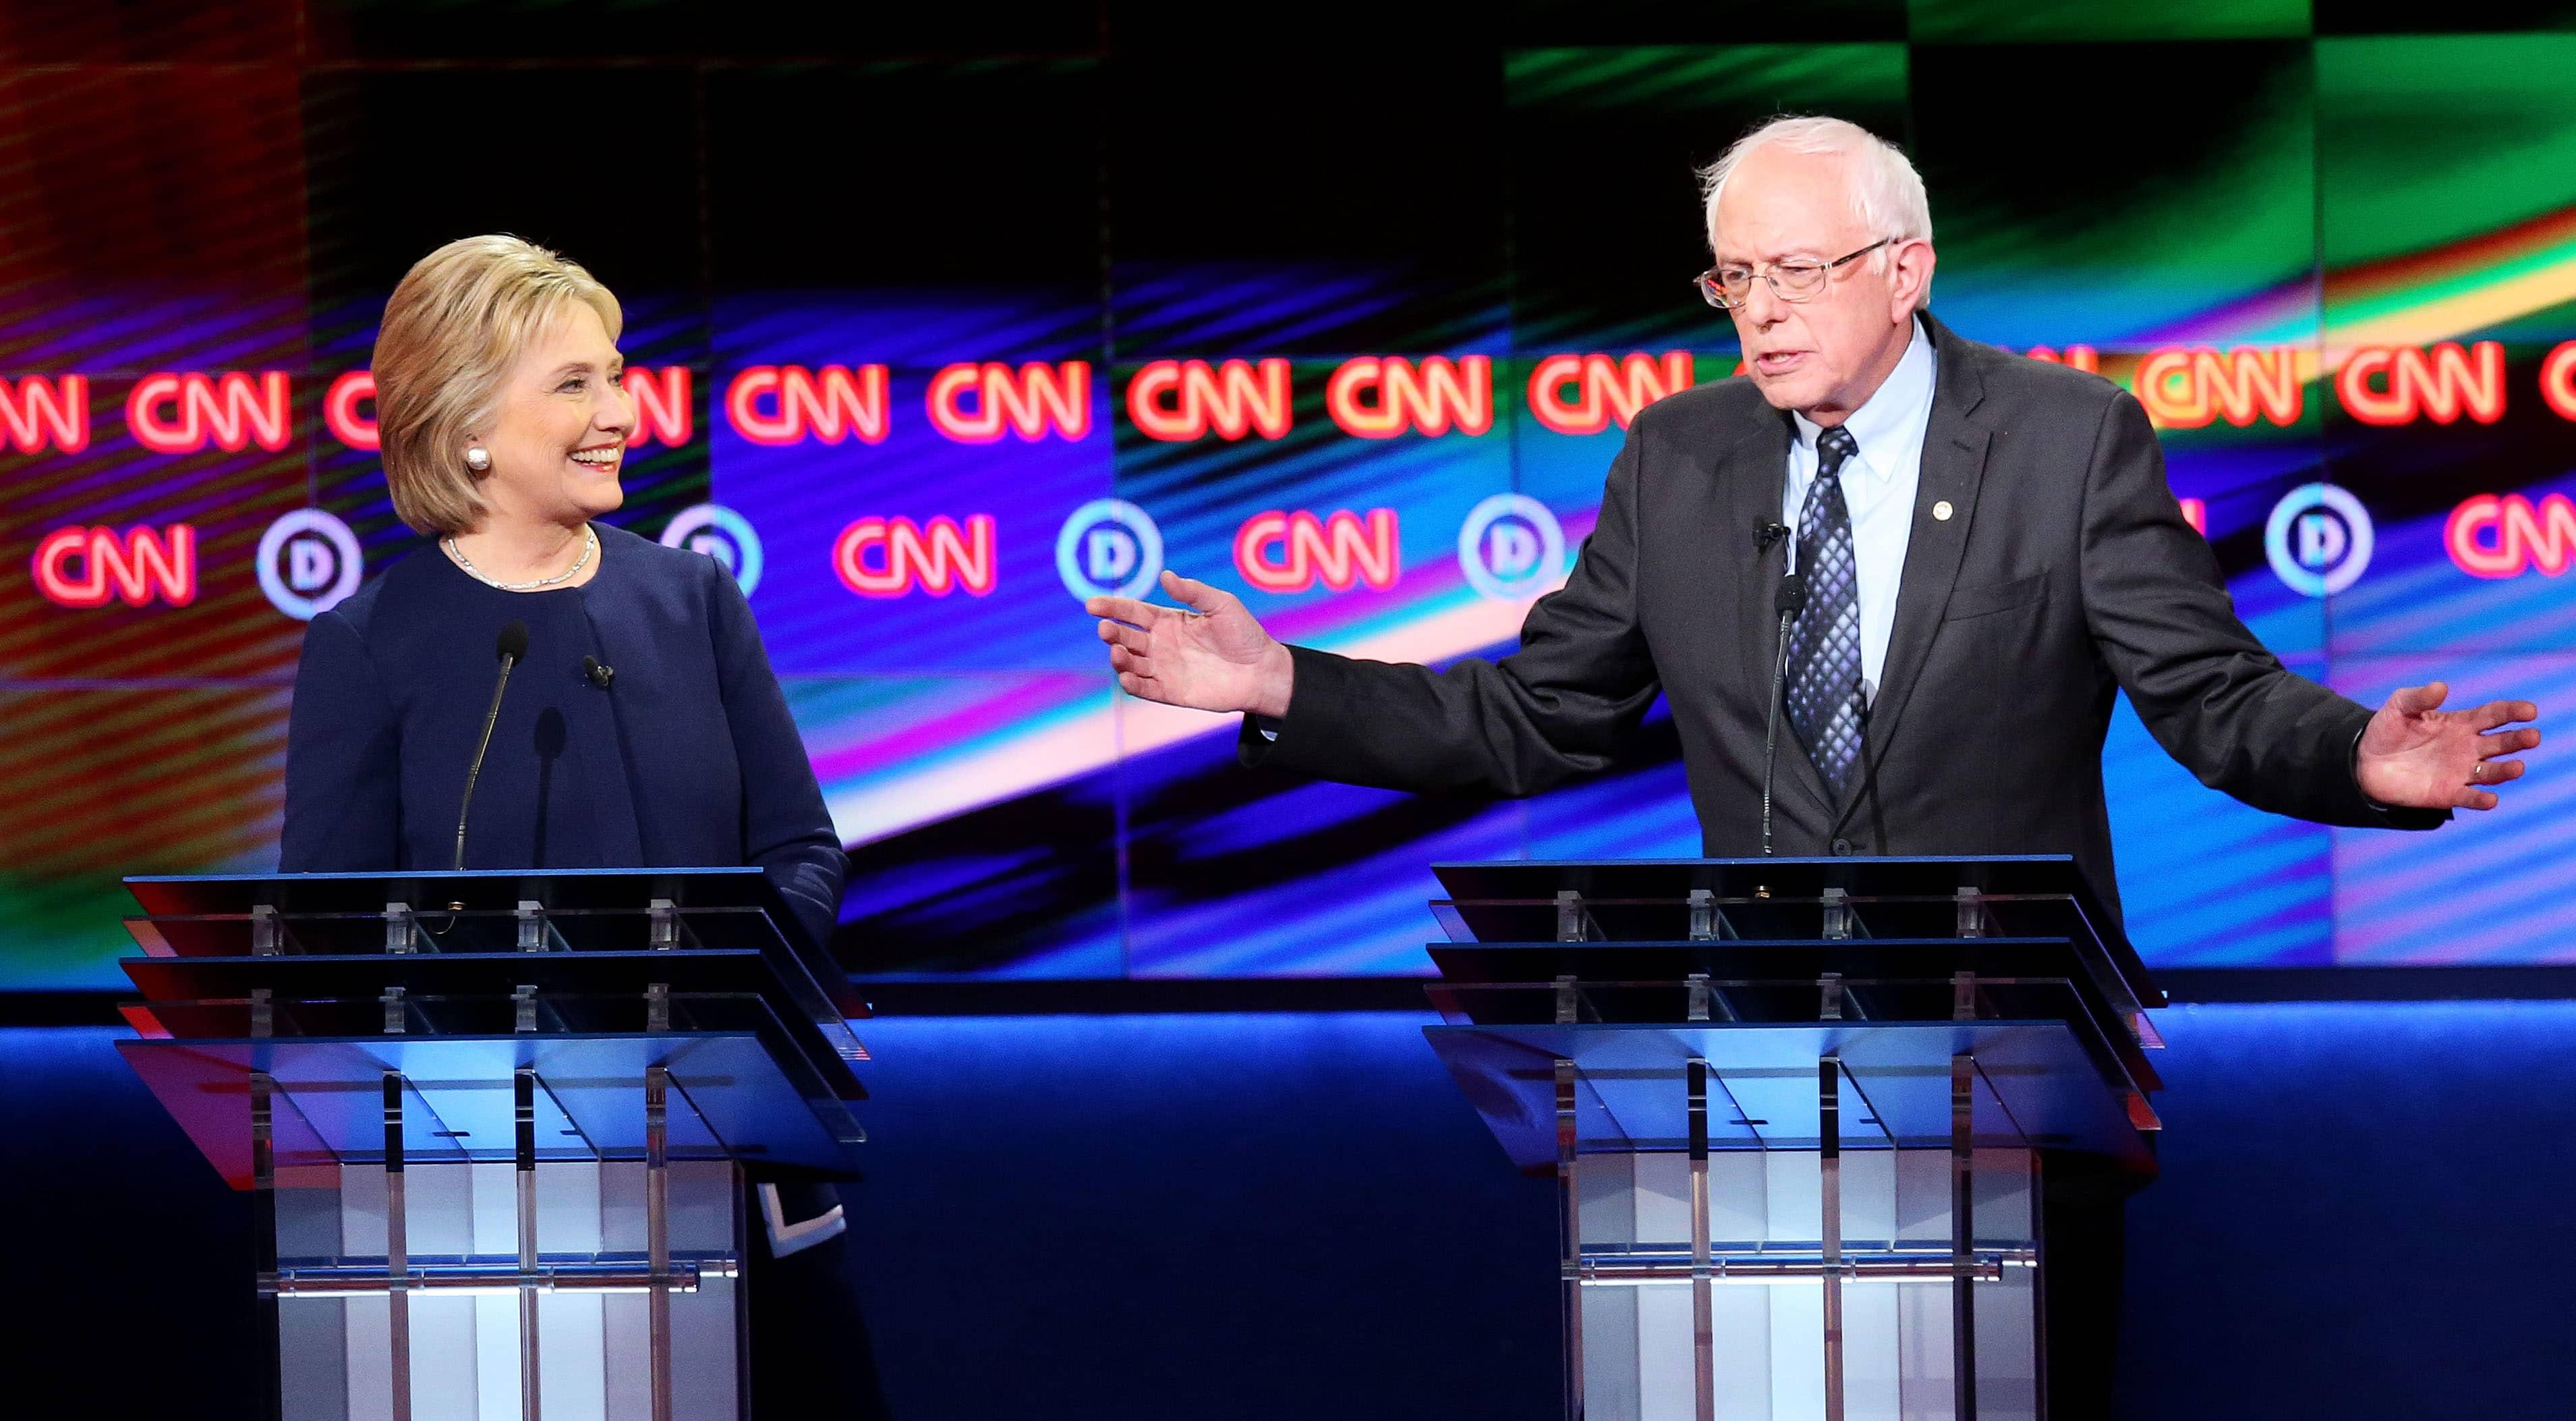 Democratic primaries: Hillary Clinton vs. Bernie Sanders in Flint debate